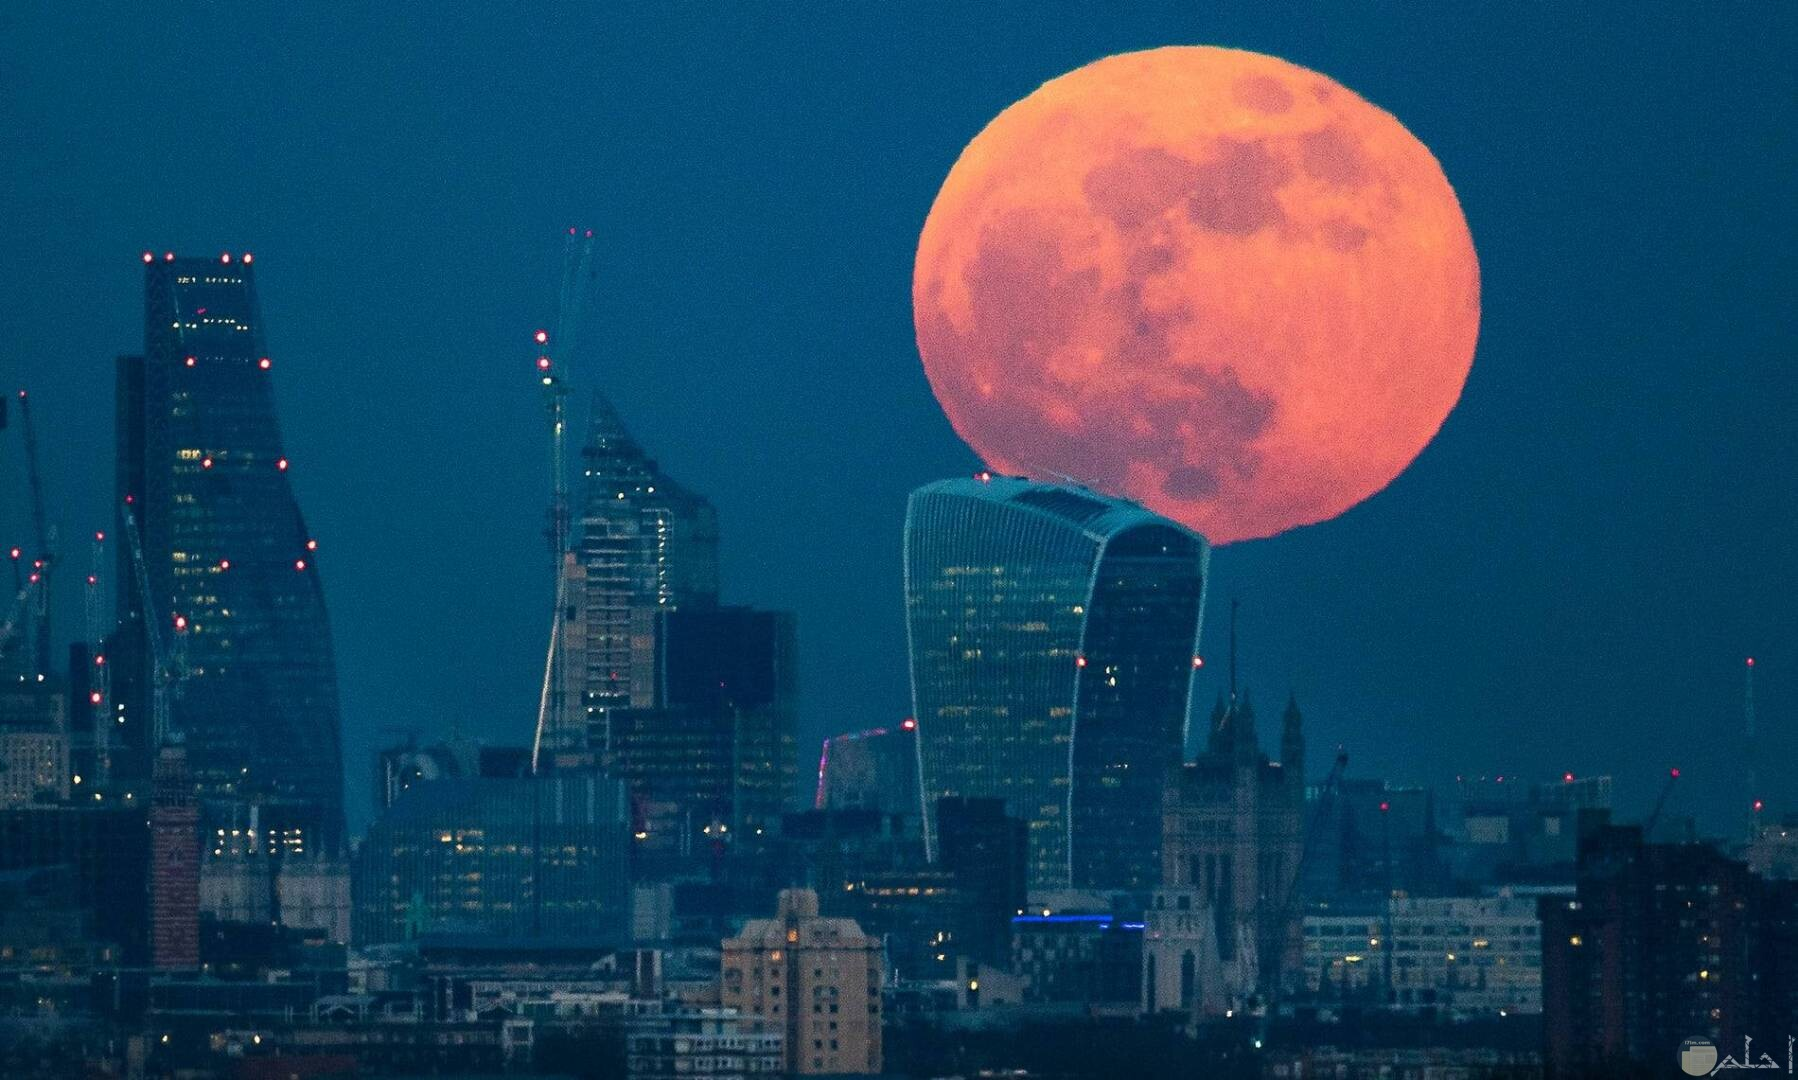 صورة حلوة للقمر و نوره الجميل فوق البنايات يعلو.